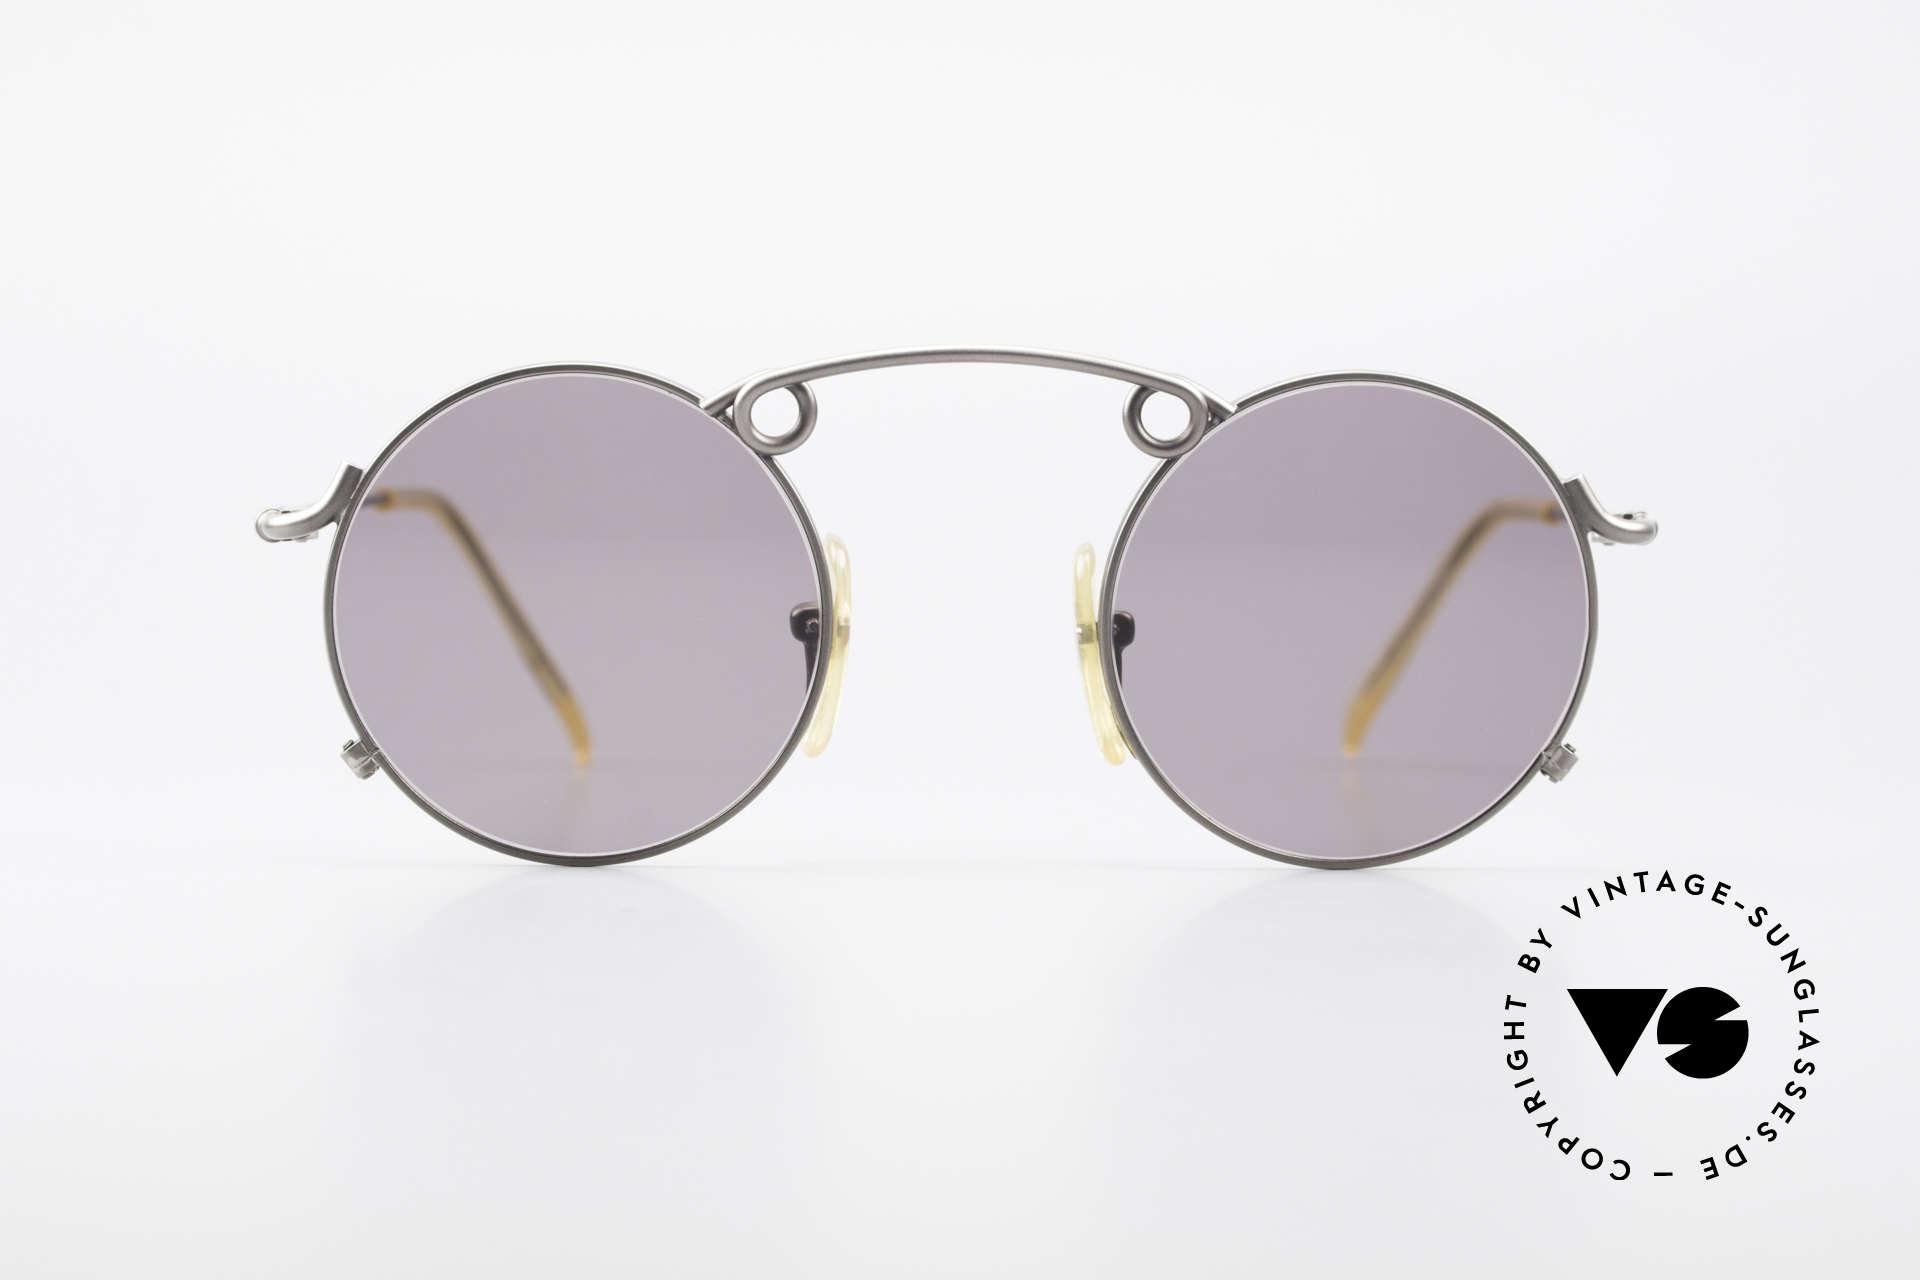 Jean Paul Gaultier 56-1178 Kunstvolle Panto Sonnenbrille, feiner, schwungvoller Rahmen mit markanter Brücke, Passend für Herren und Damen